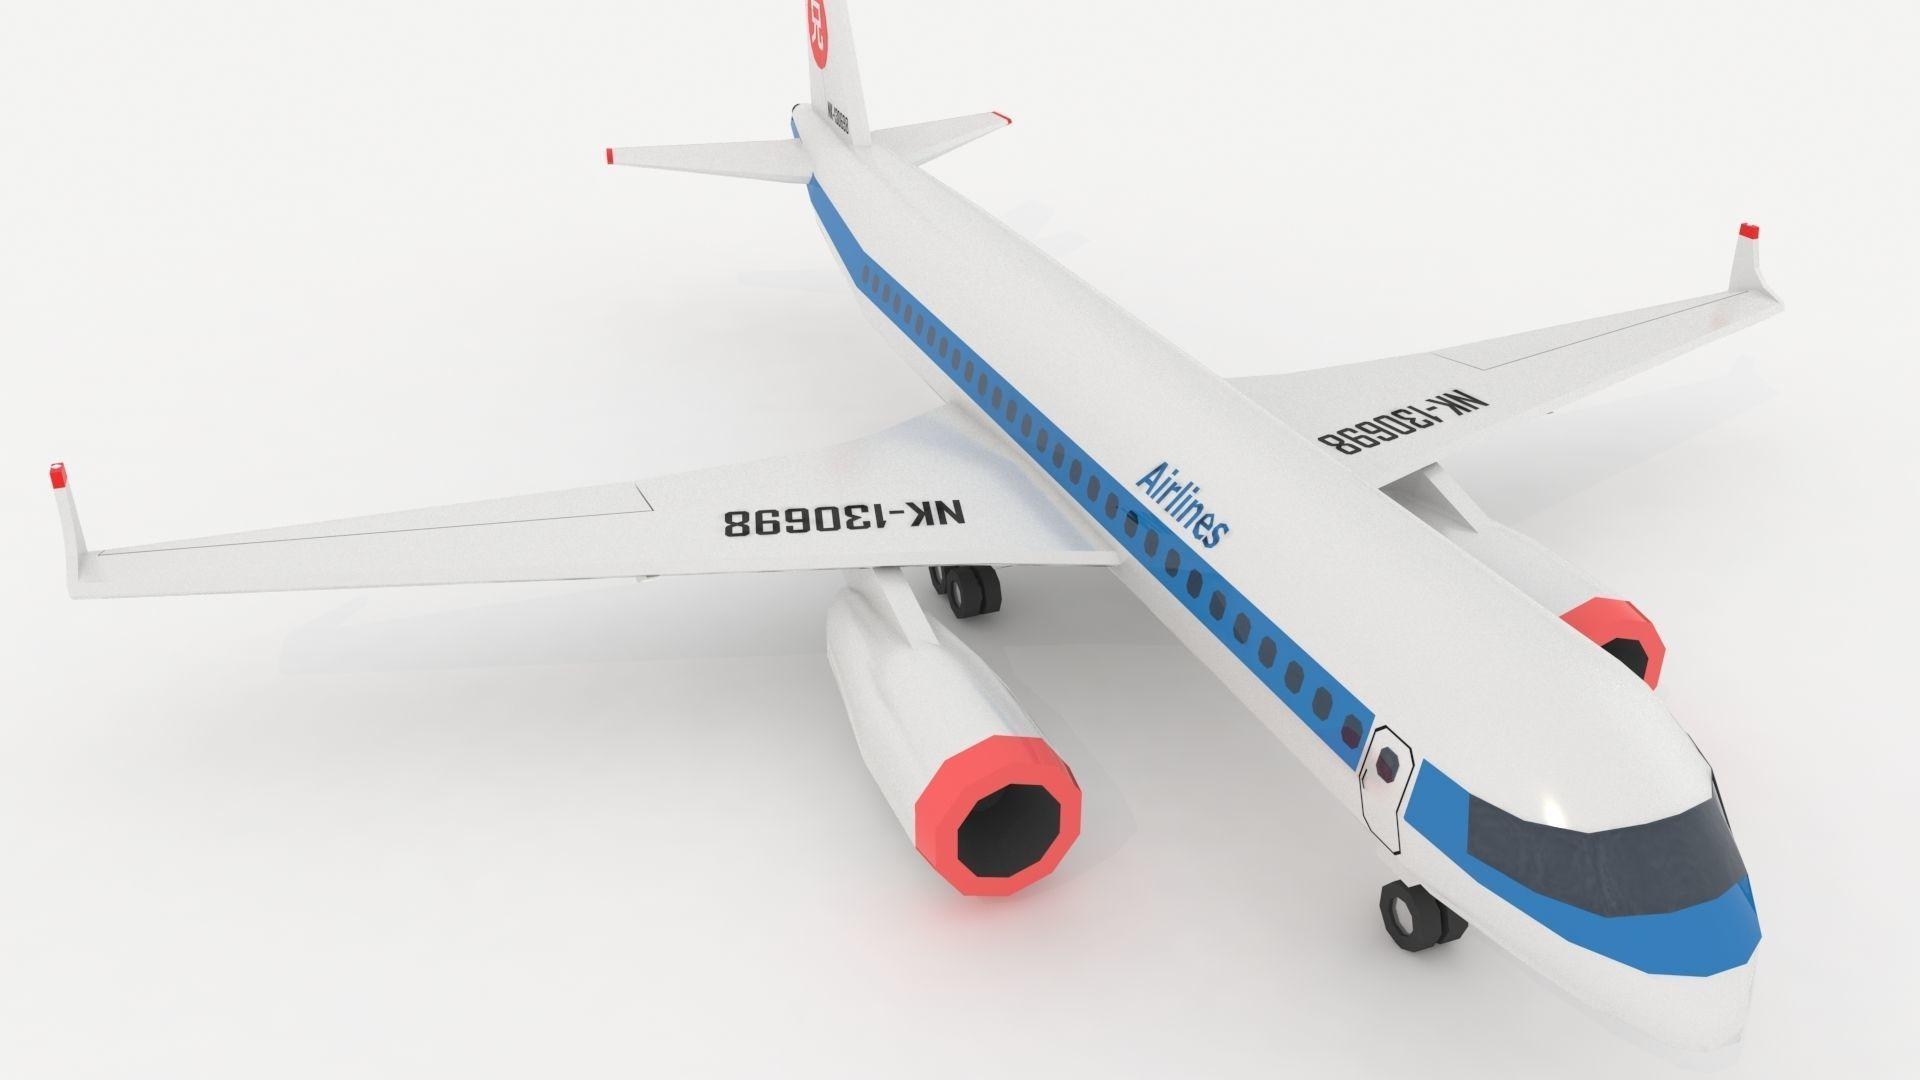 Airplane 767 Stylized low poly